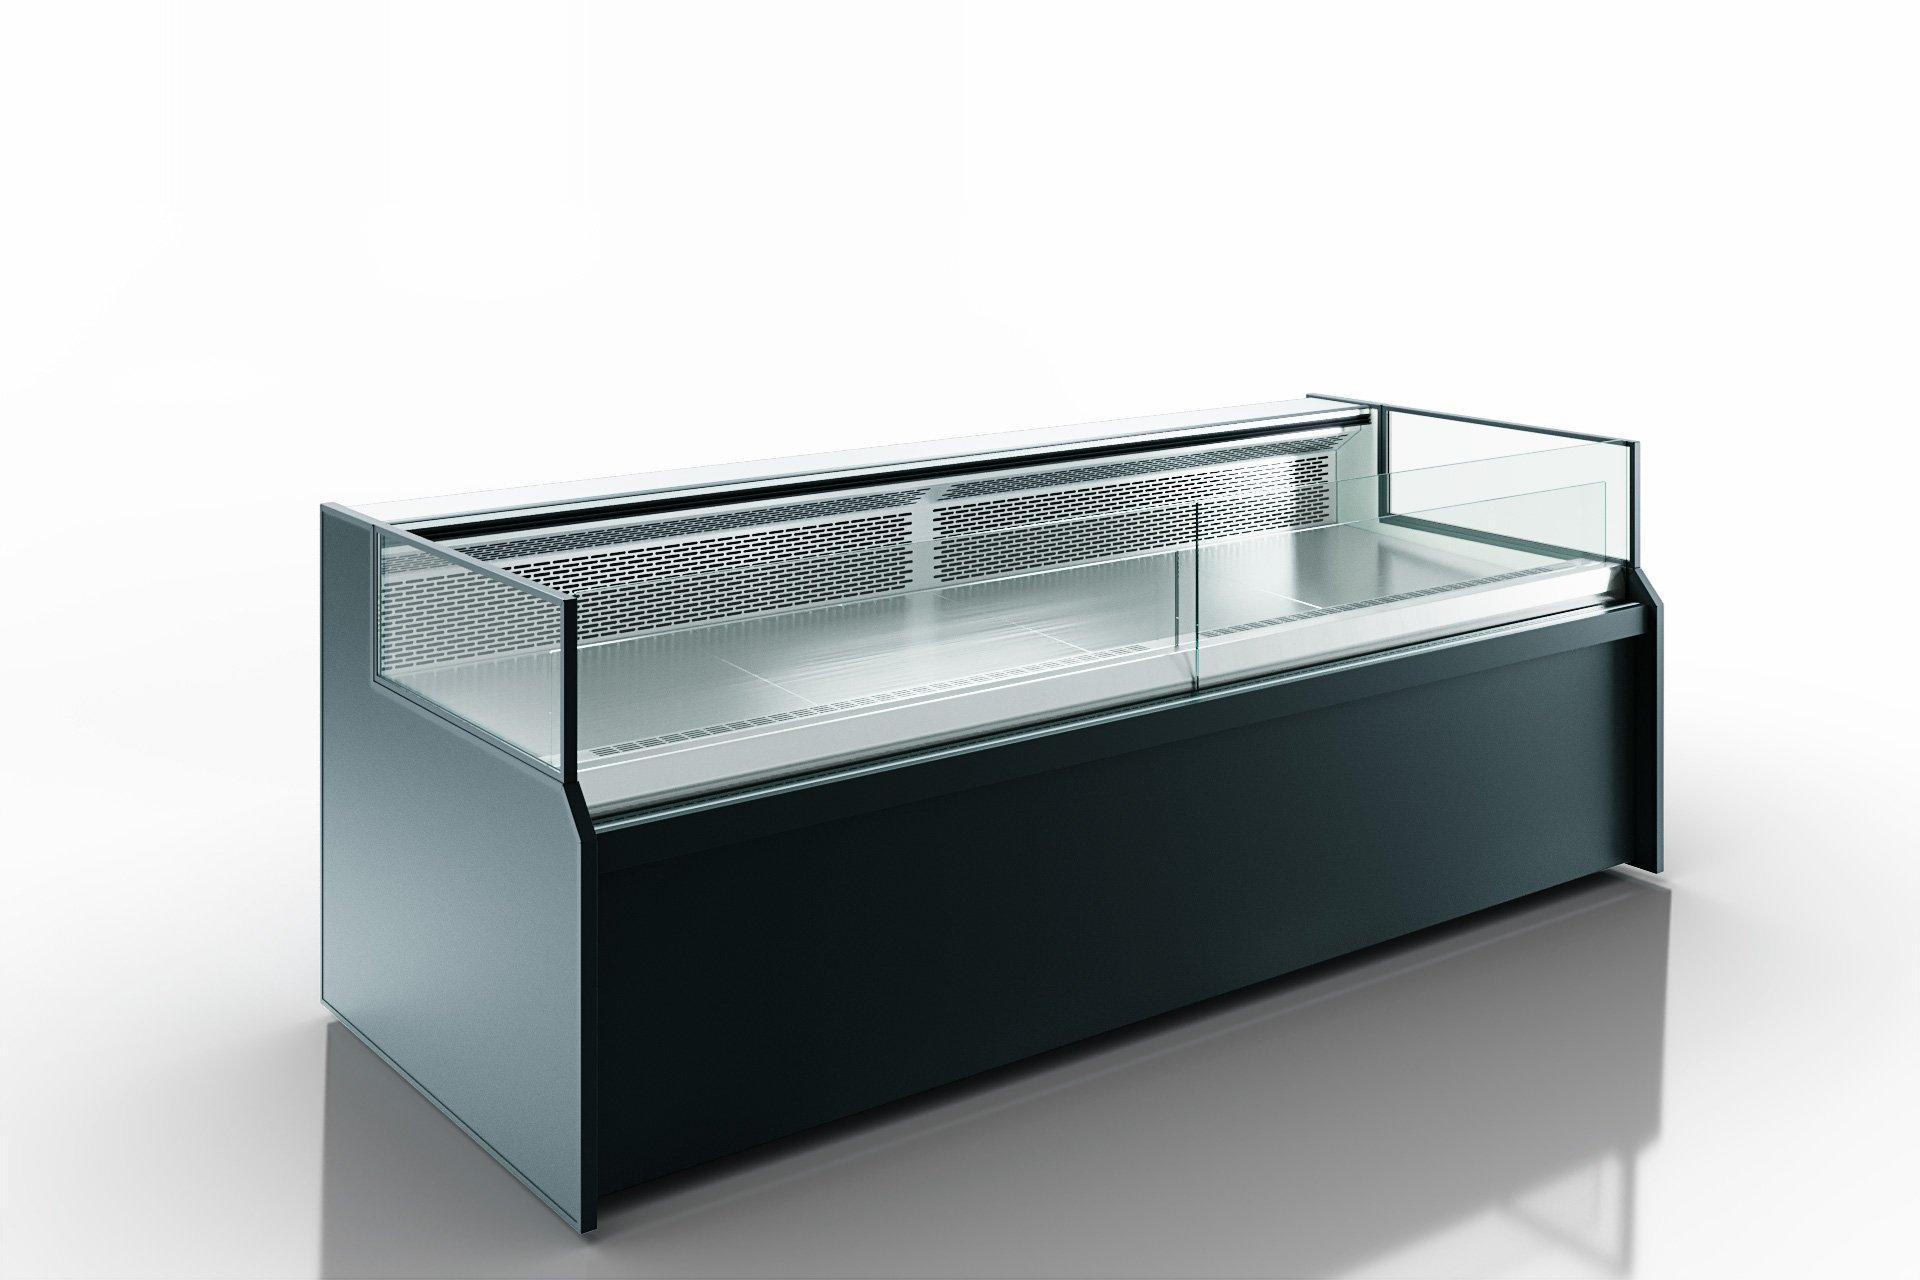 Холодильна вітрина Missouri MC 100 deli self 093-DBM/DBA